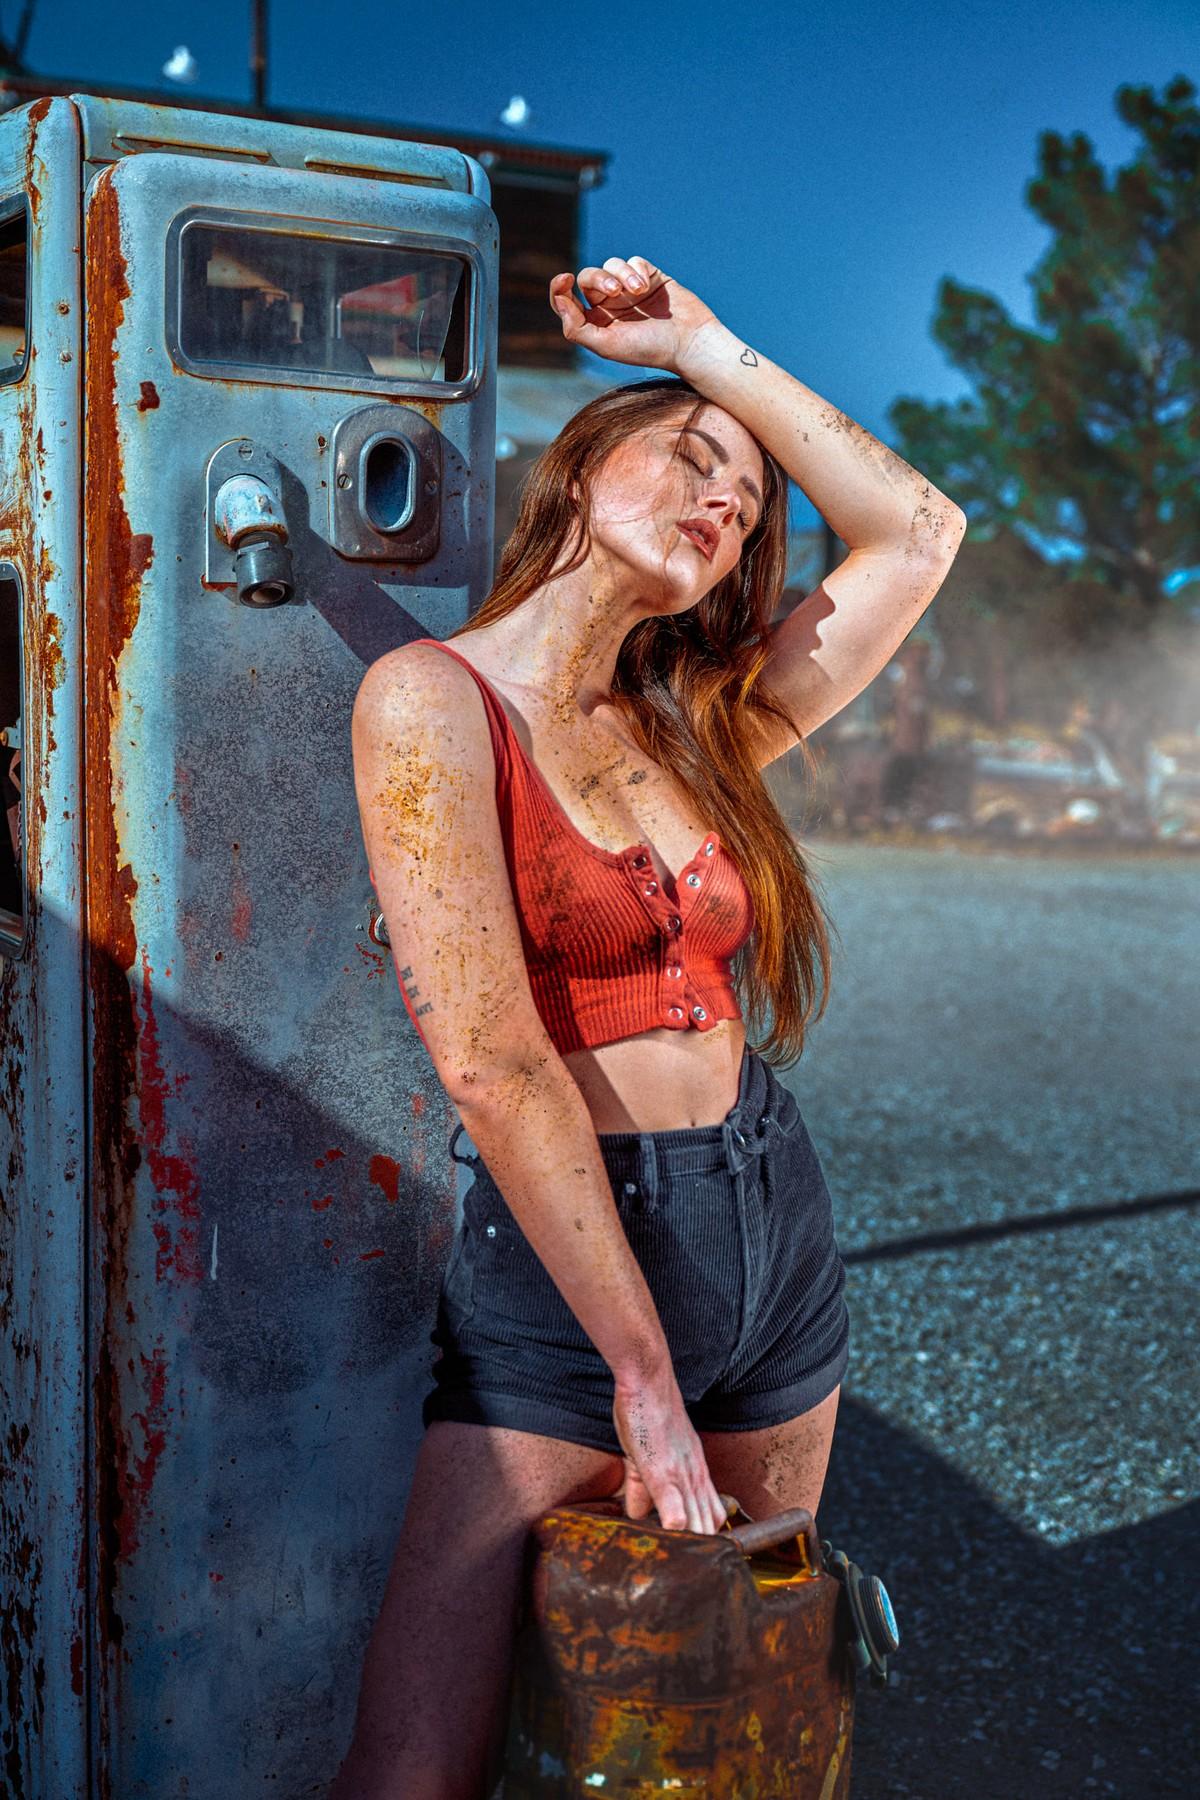 Чувственные снимки девушек от Дэнни Батисты